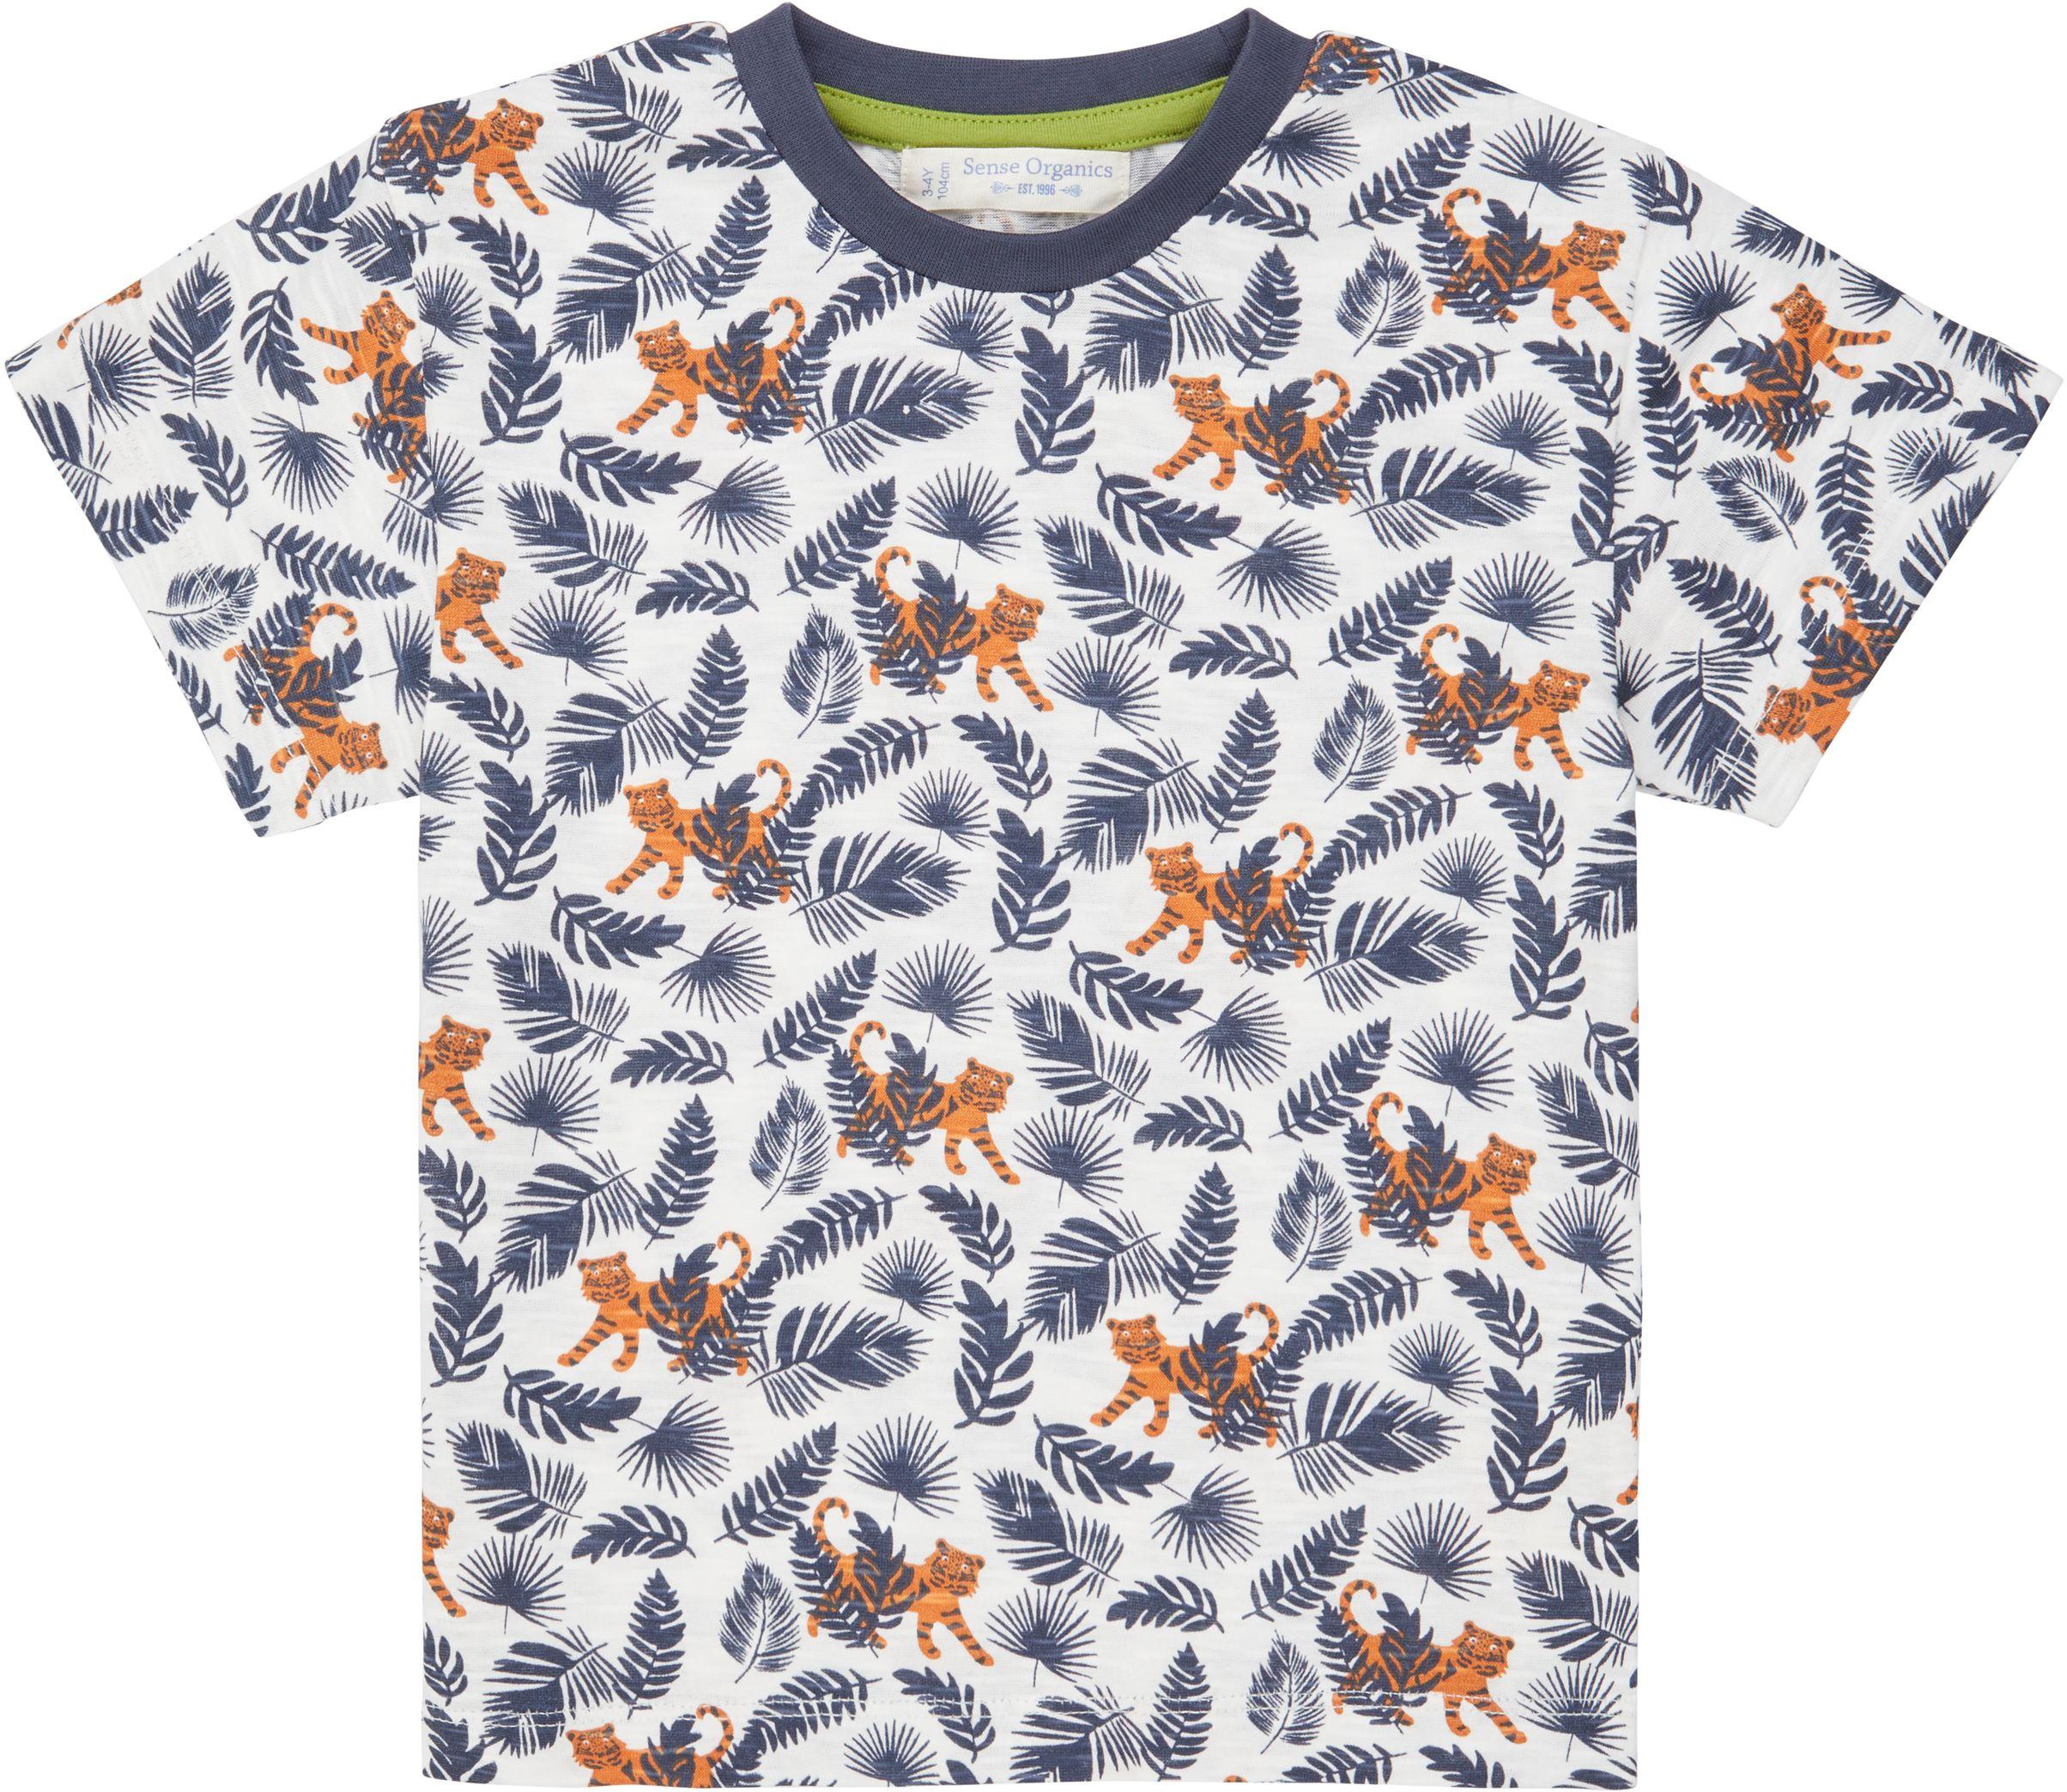 Sense Organic JANNIS Shirt Kurzarm Tiger